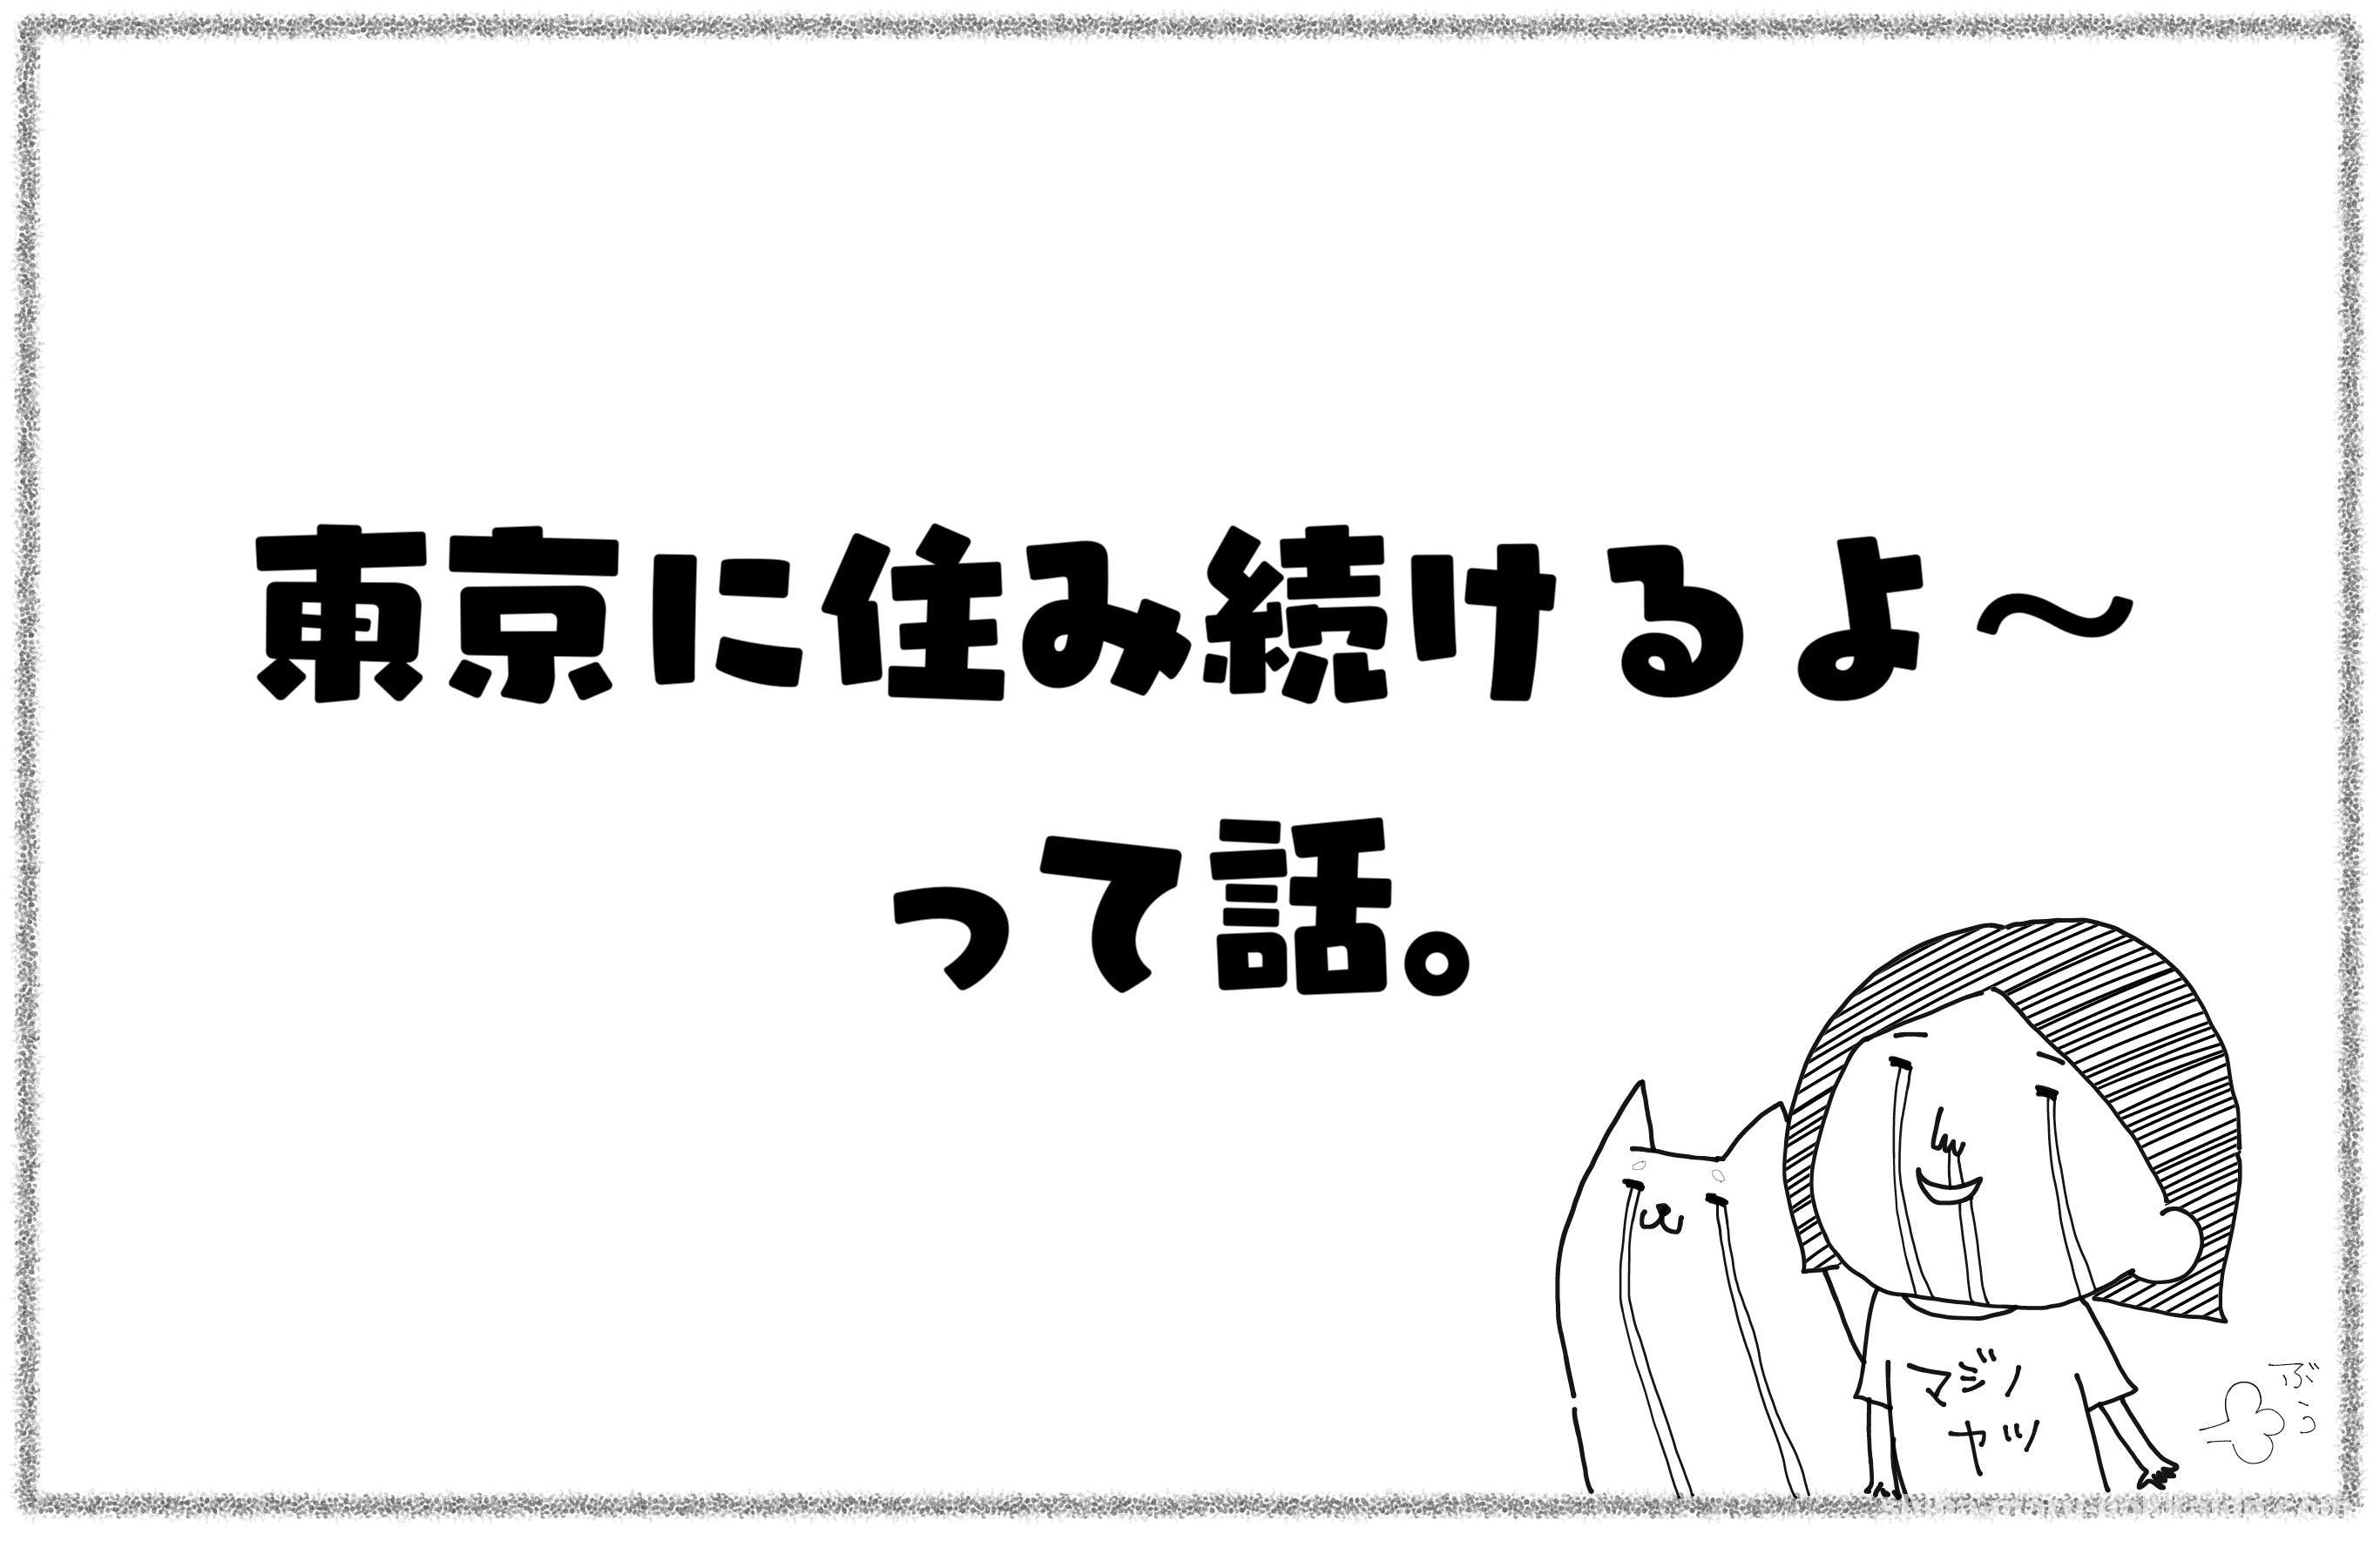 孤独な東京生活で旦那の仕事が忙しくなると内向的な妻はこうなっちゃいますって話